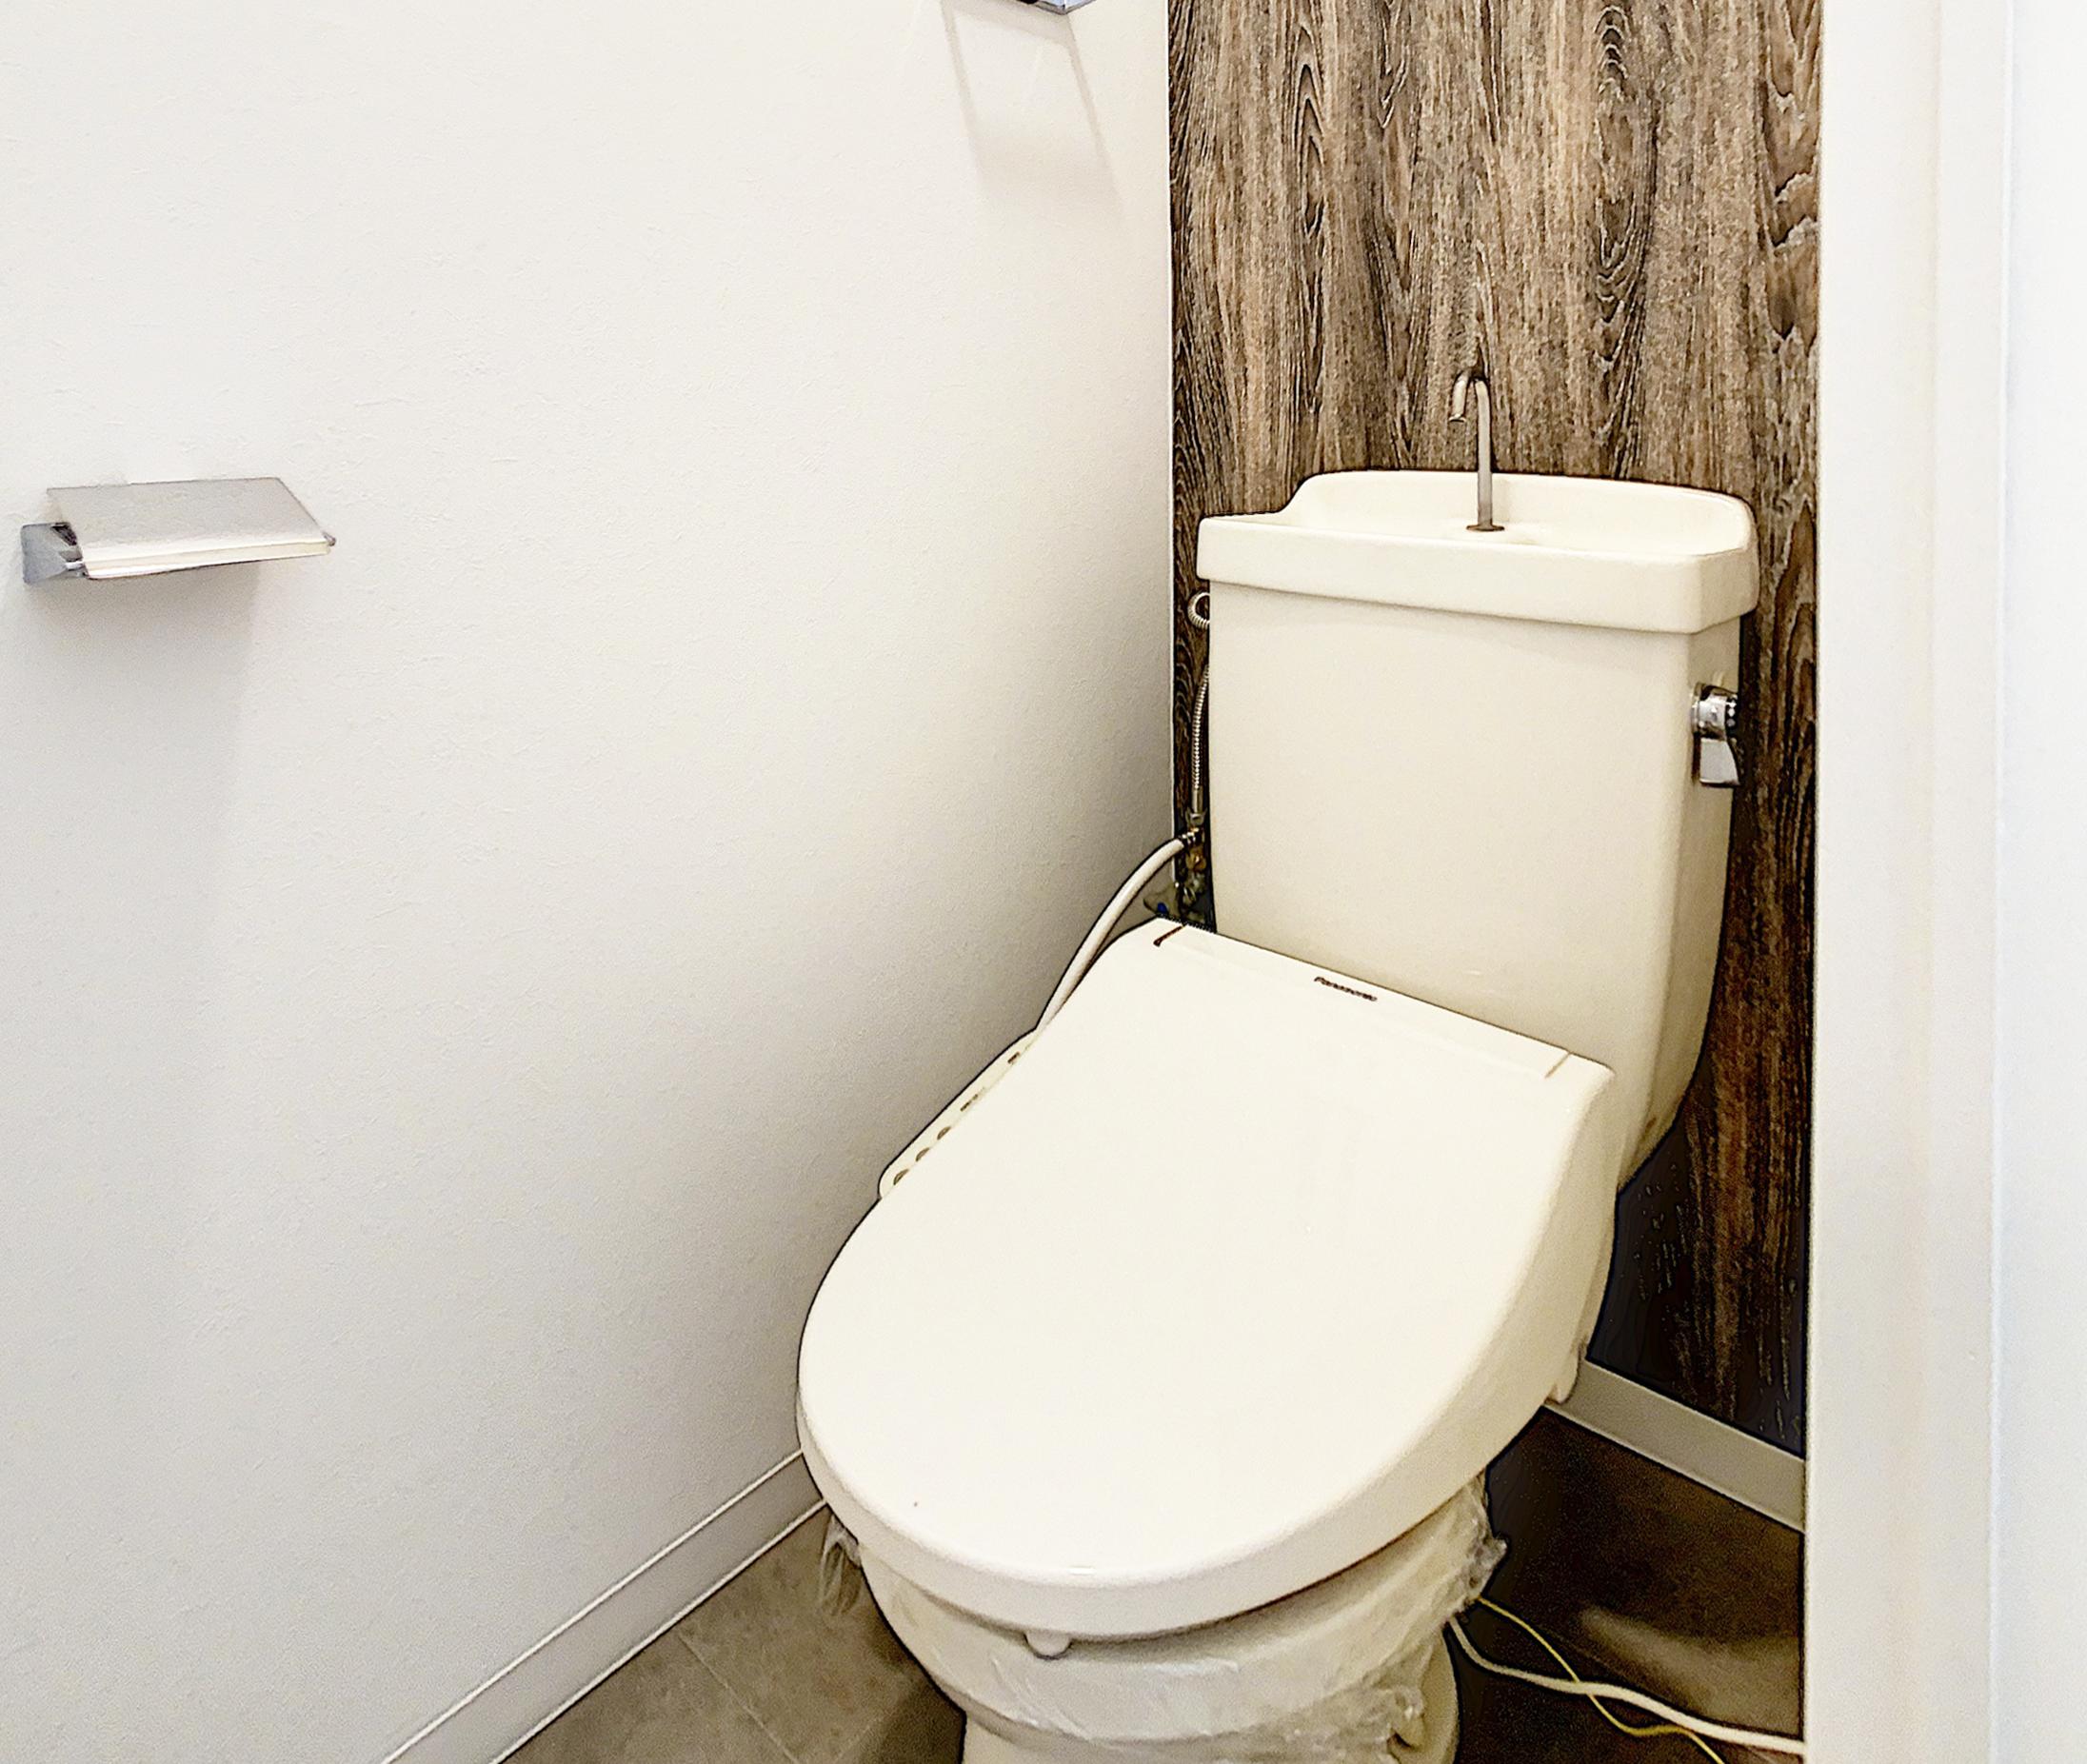 トイレは背面壁に木目のクロスを入れてナチュラルな空間を意識しました。